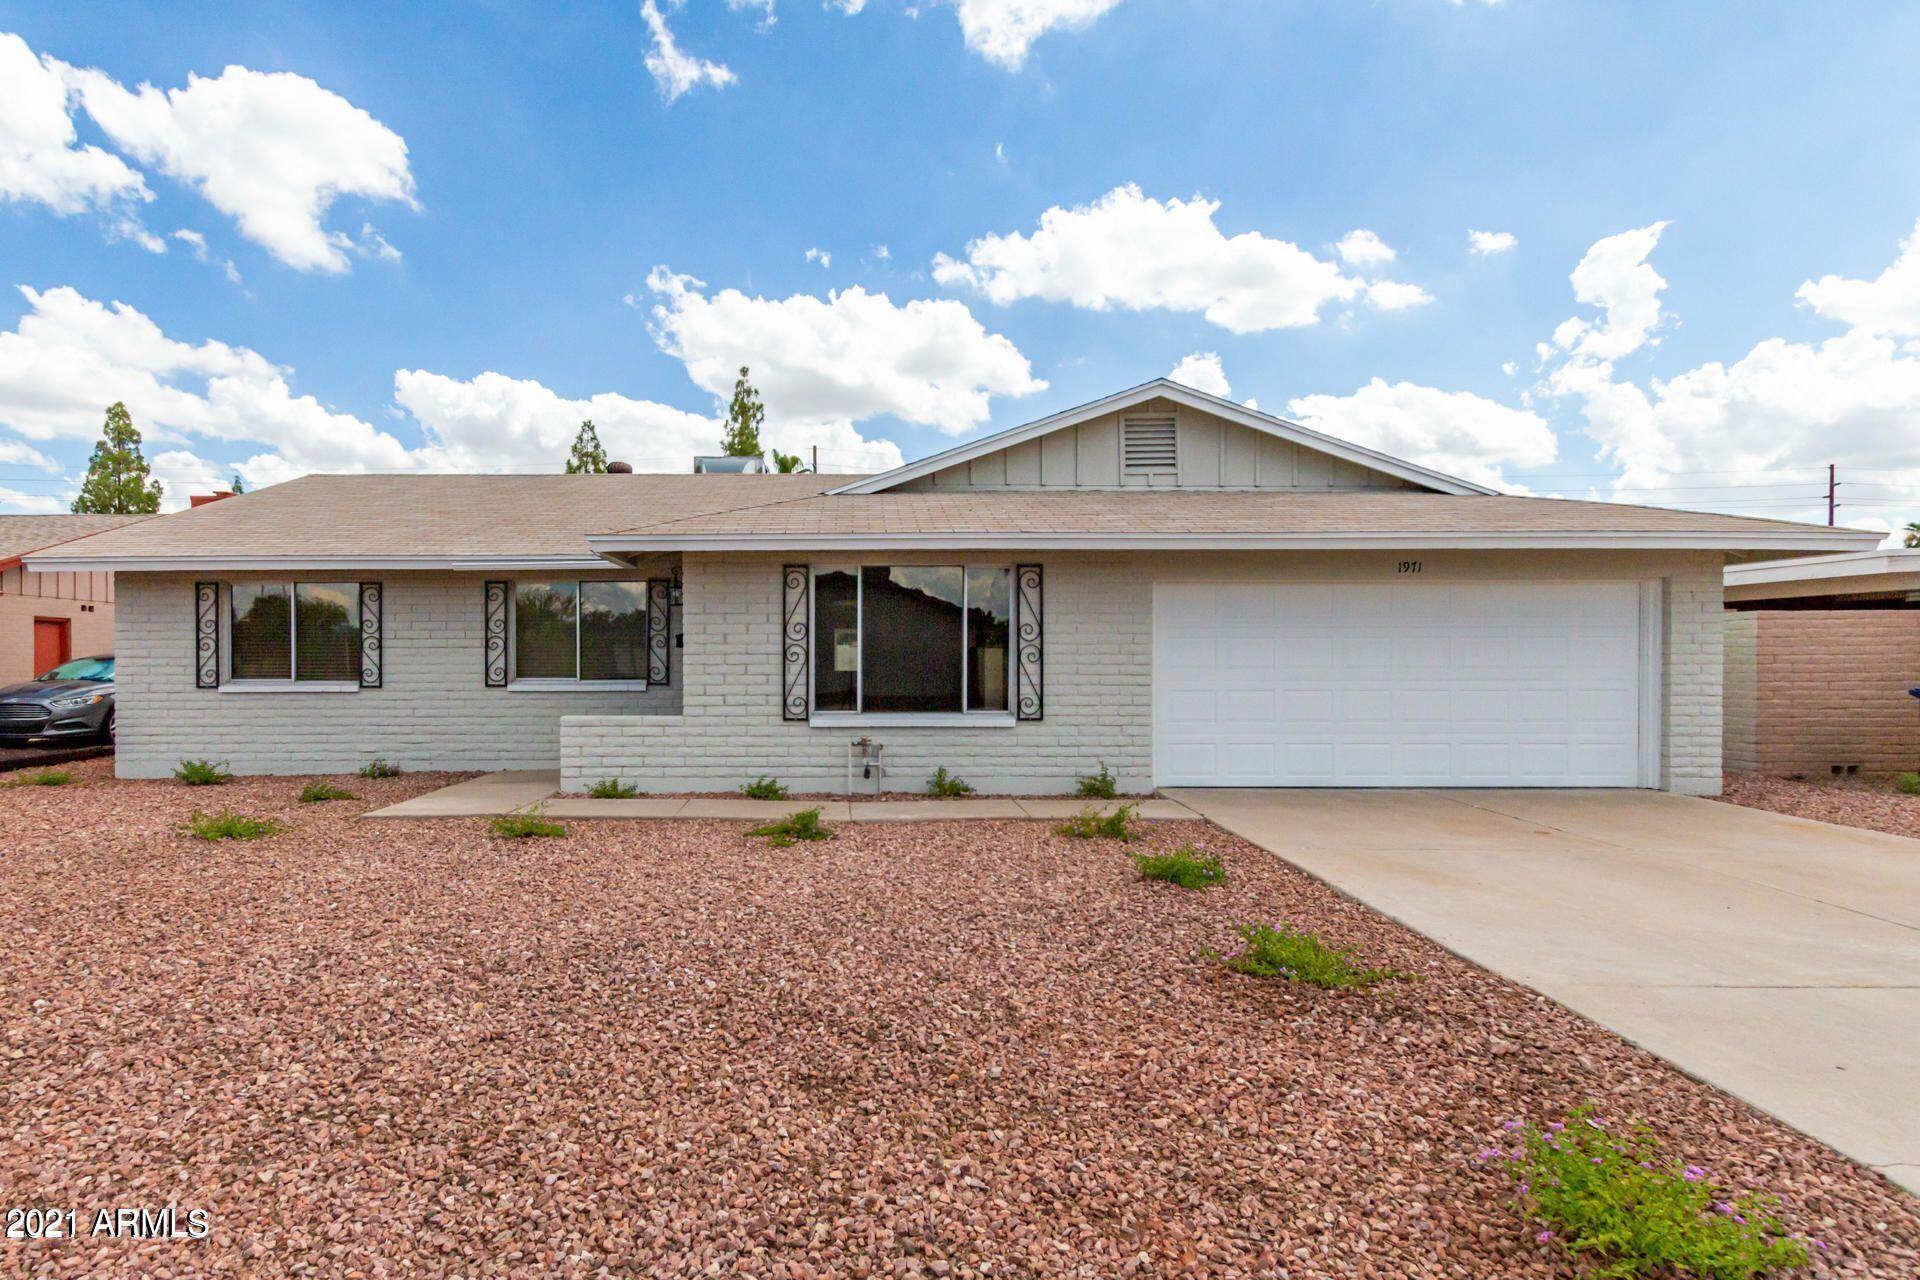 Photo of 1971 E HUNTINGTON Drive, Tempe, AZ 85282 (MLS # 6306634)